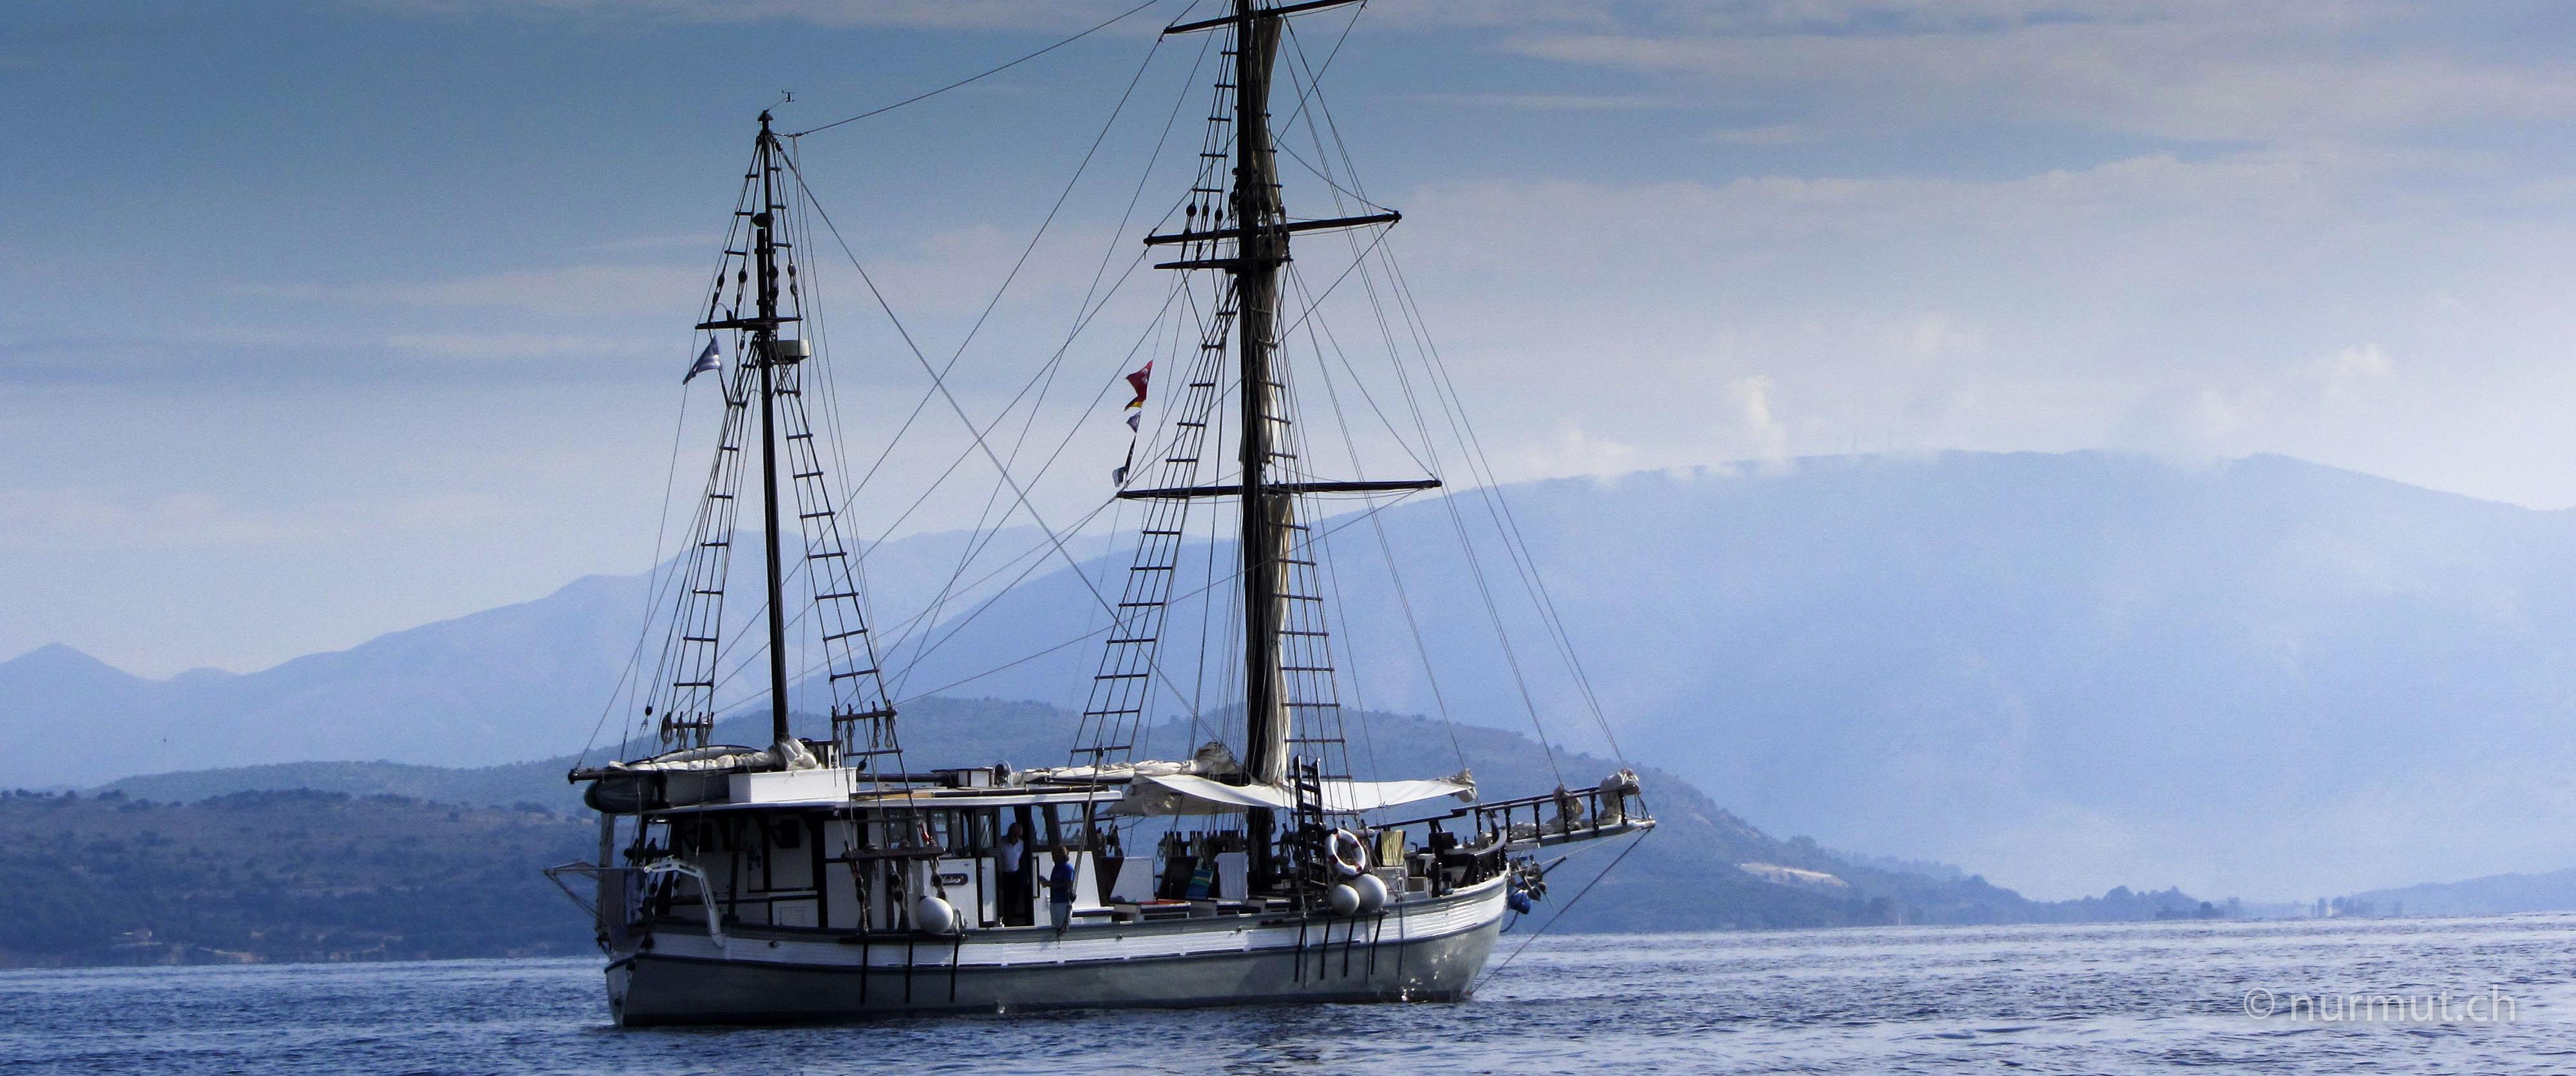 odyssee-mit-herrn-monet-segeln-wandern-mit-hund-in-griechenland-mit-reisemobilodyssee-mit-herrn-monet-segeln-wandern-mit-hund-in-griechenland-mit-reisemobil